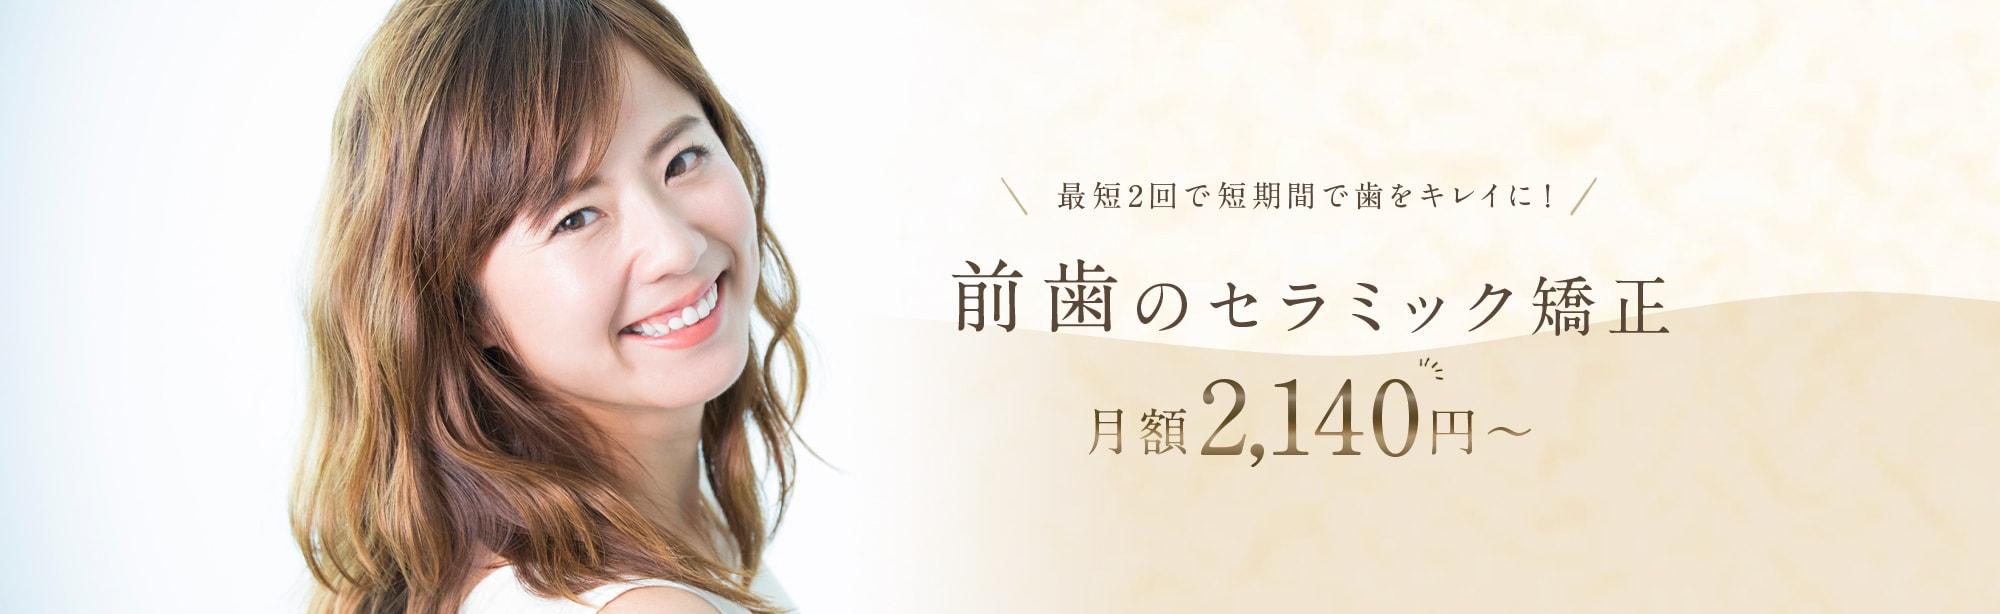 前歯のセラミック矯正 月額2,140円~